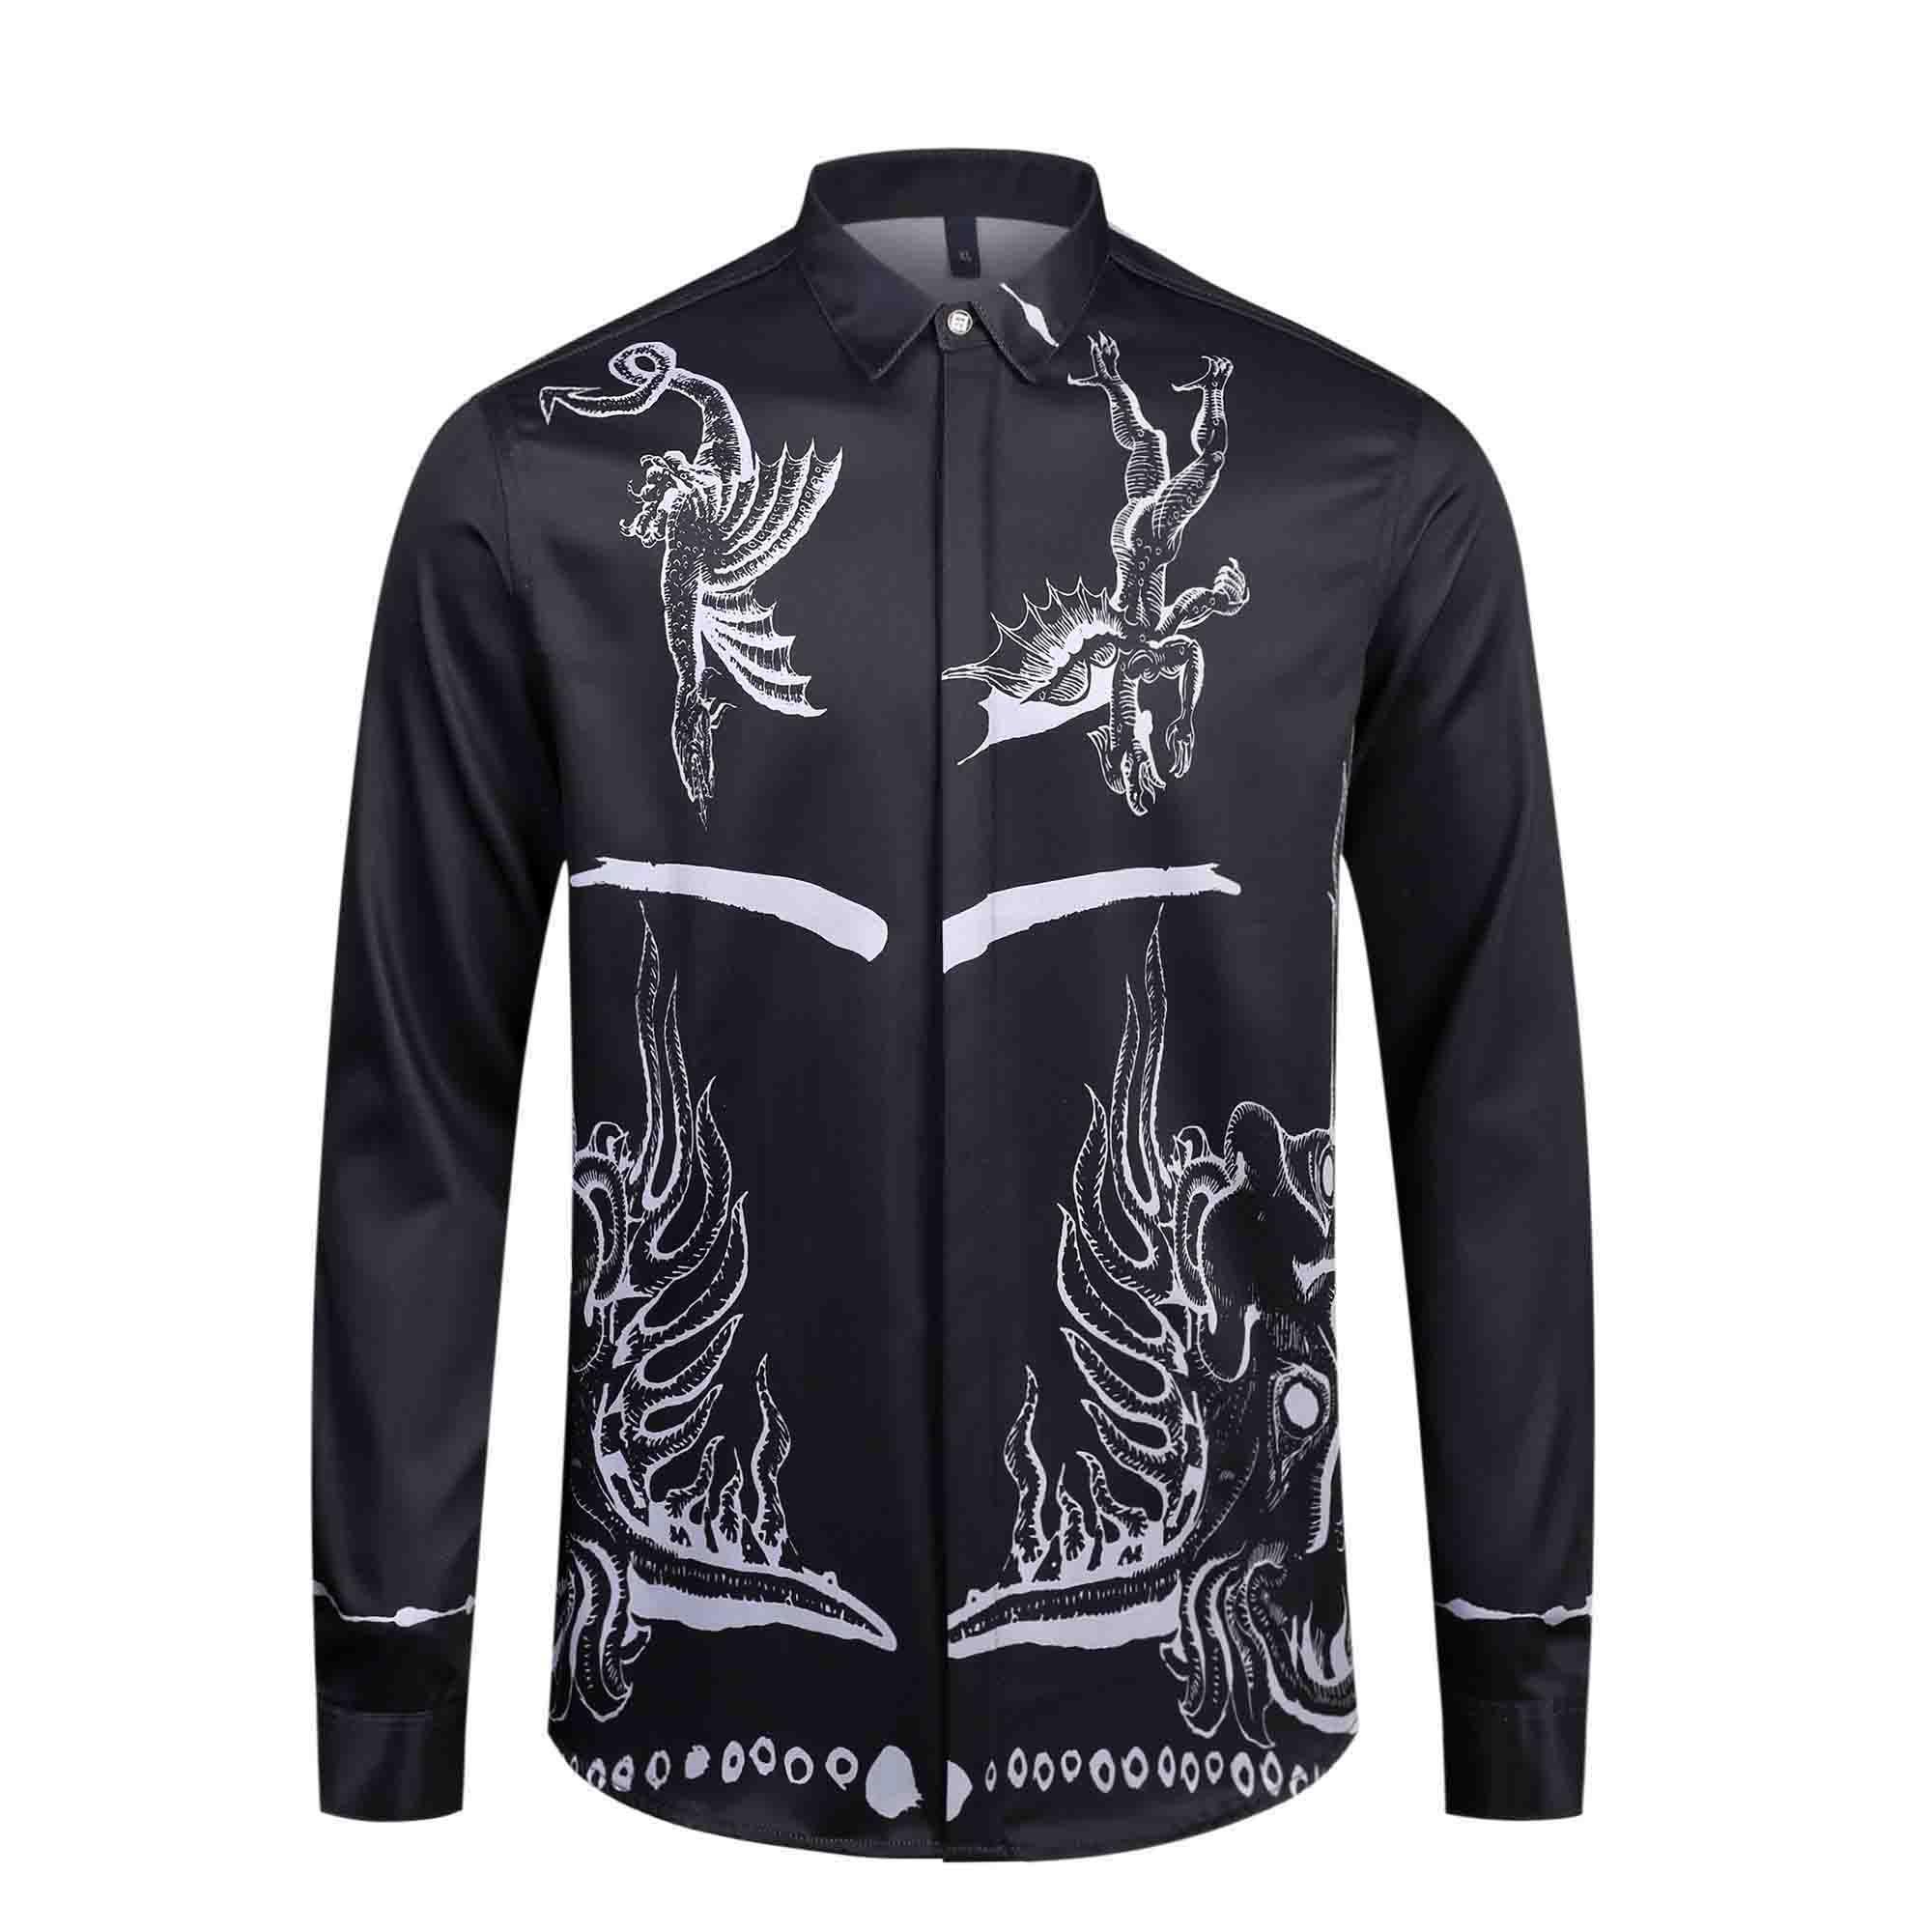 2020 sıcak yeni lüks renk çiçek uzun kollu erkek spor iş gömlek elbise İnce pamuklu gömlek erkek Medusa gömlek ZZR